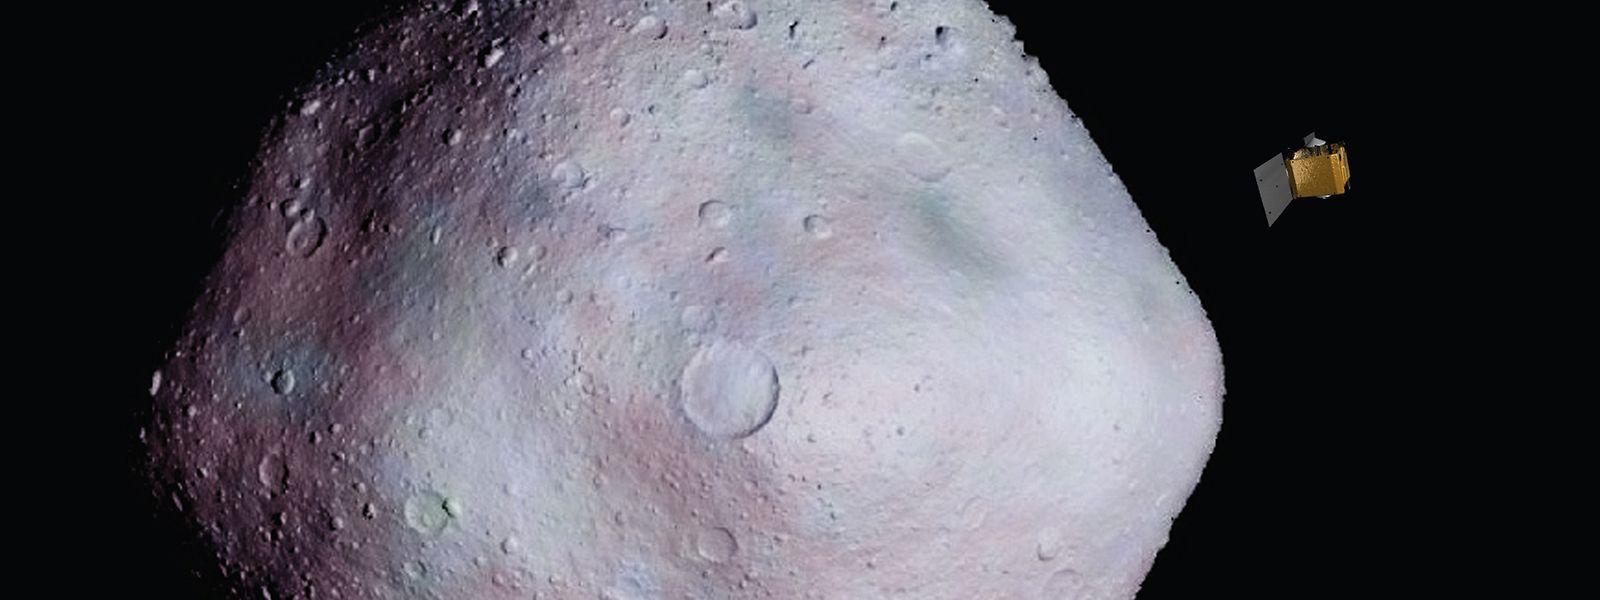 Die Osiris-Rex-Sonde der Nasa nähert sich dem Asteroiden 1999RQ36.